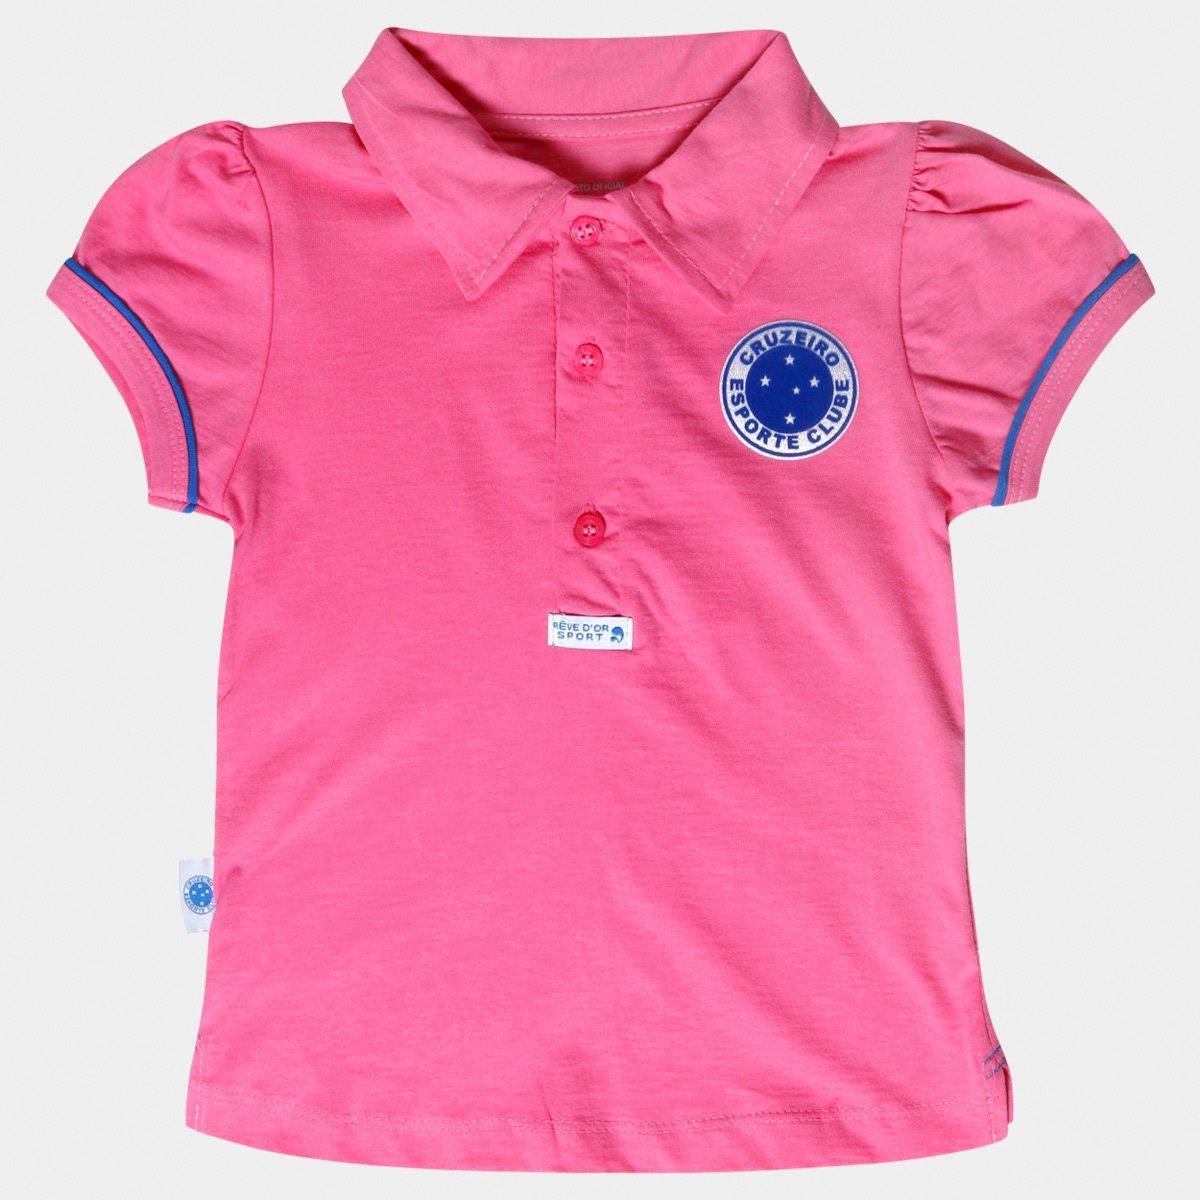 Camisa Polo Rosa Cruzeiro Infantil - Rosa e Azul - Compre Agora ... fcad566d89b6d